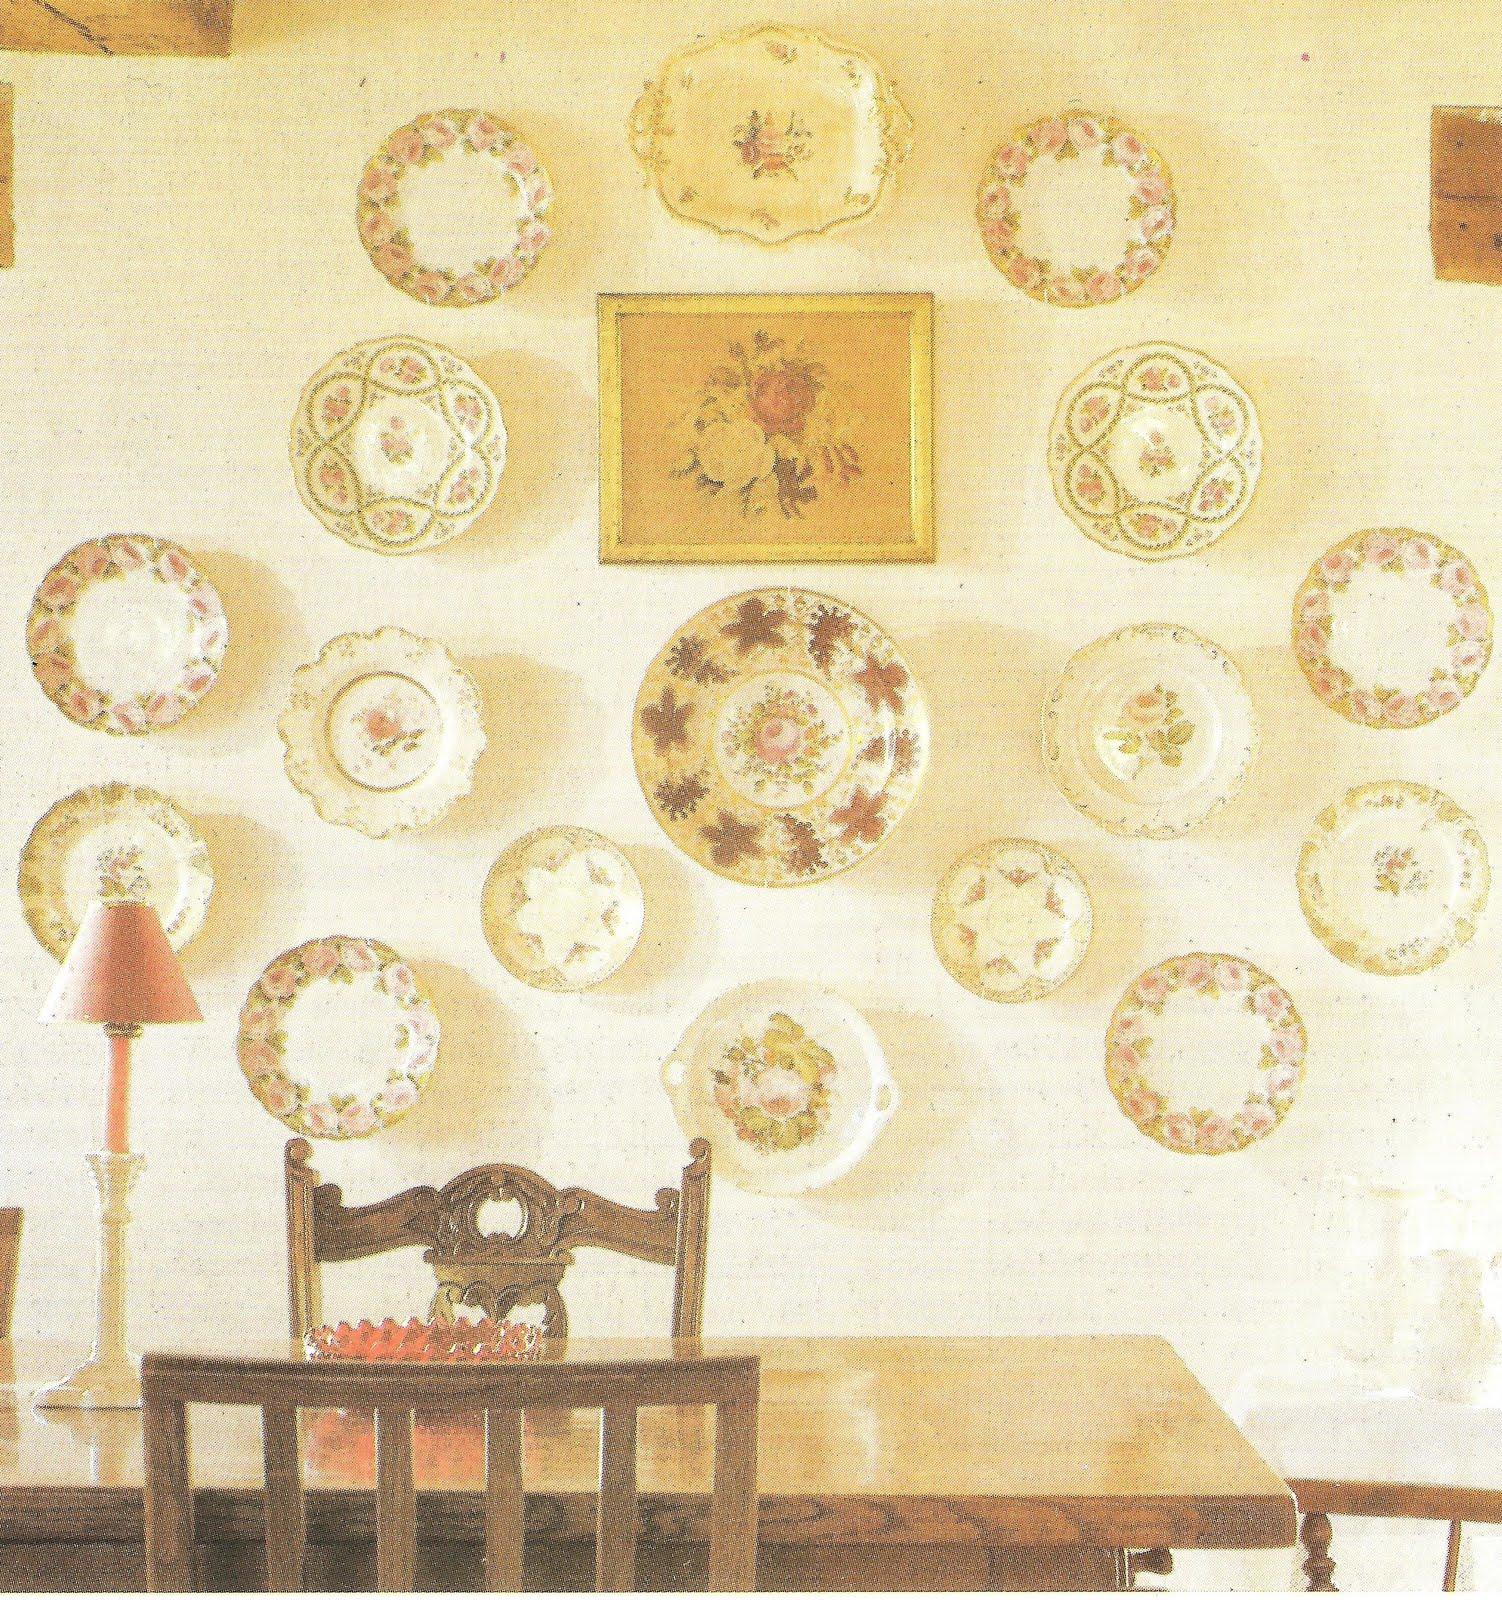 Come Appendere Piatti In Ceramica ideacountry: appendere piatti e ceramiche